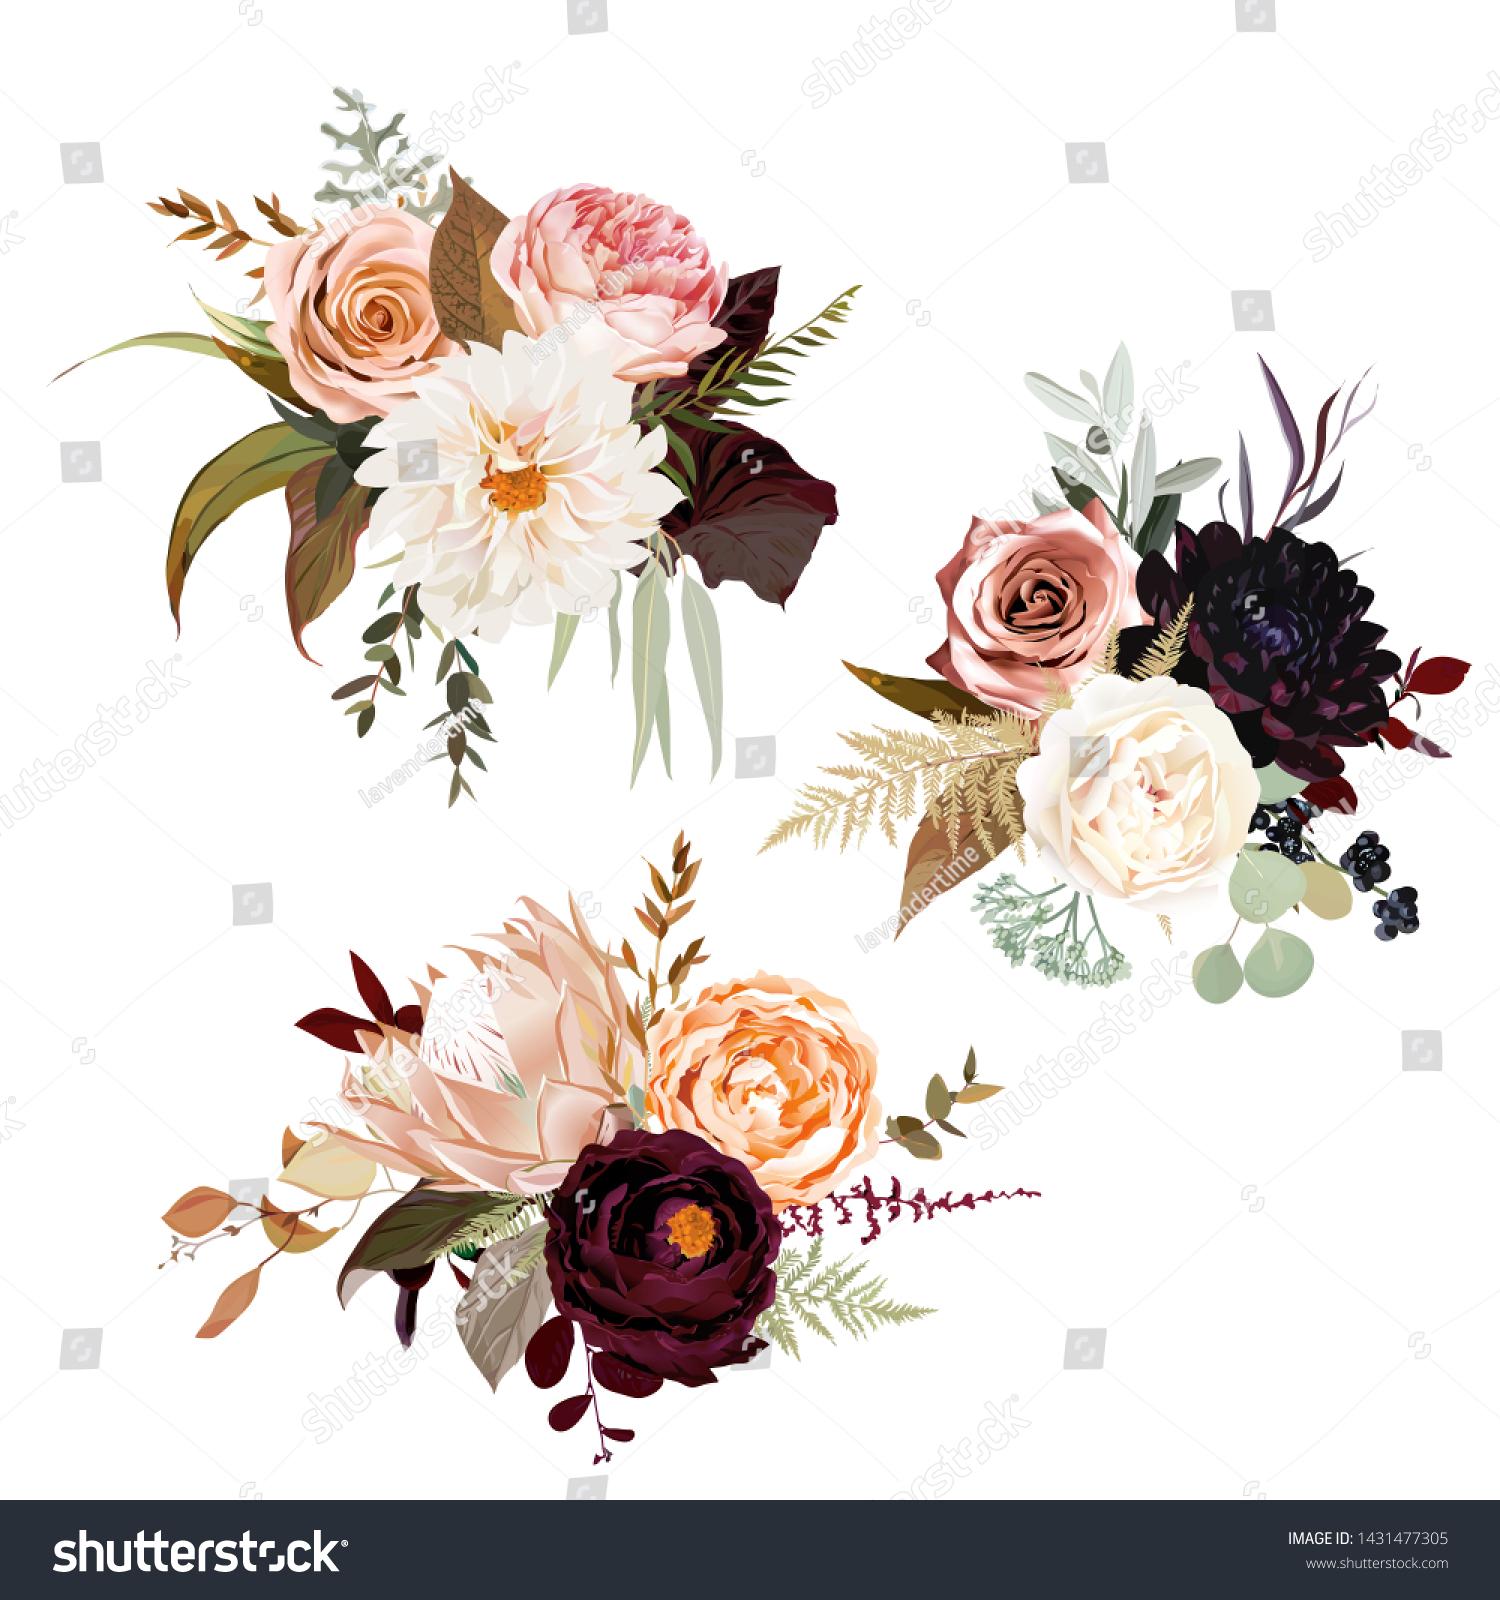 Vetor Stock De Moody Boho Chic Wedding Vector Bouquets Livre De Direitos 1431477305